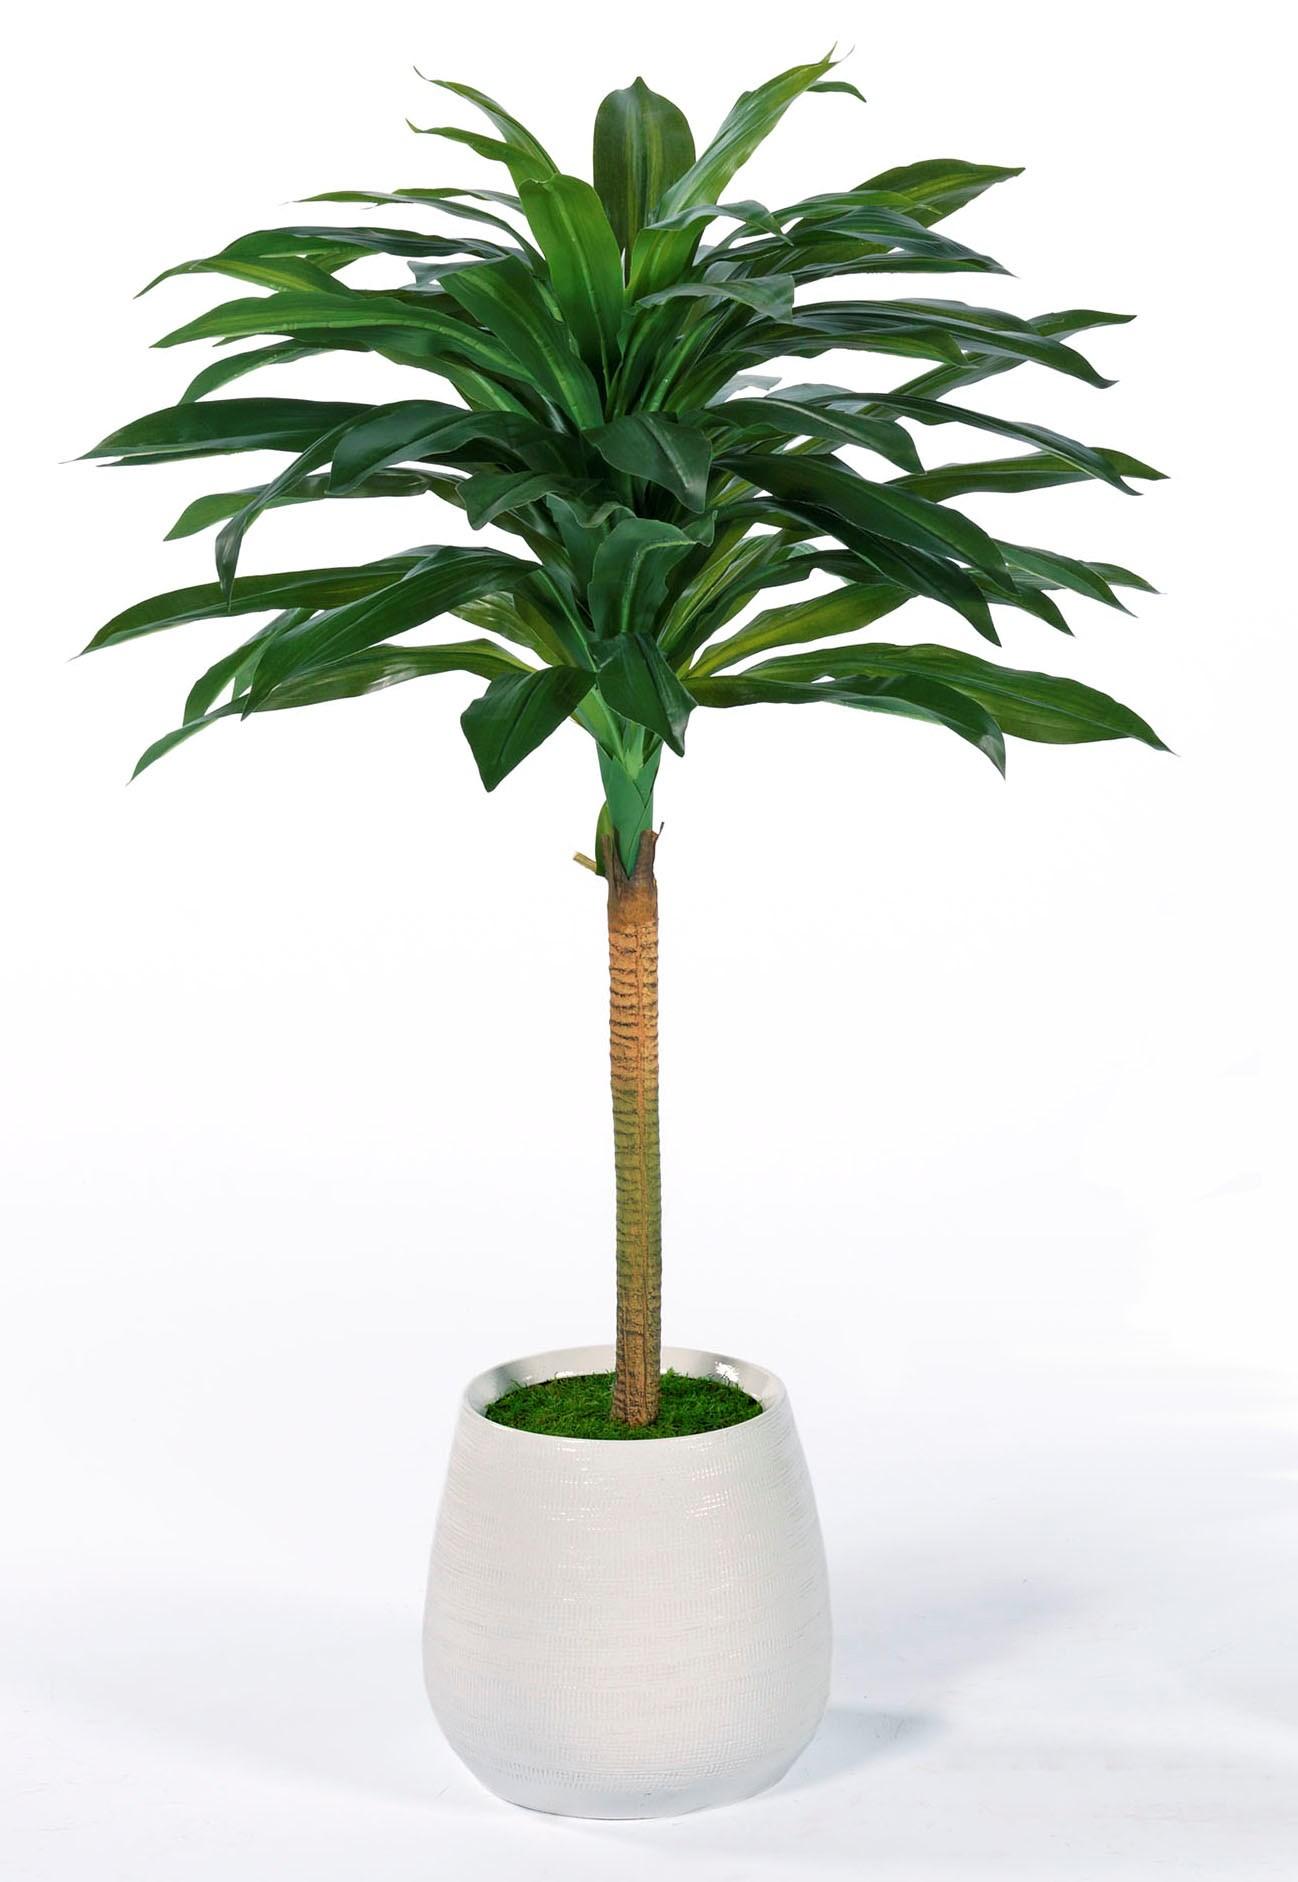 4′ Modern Dracena Topiary